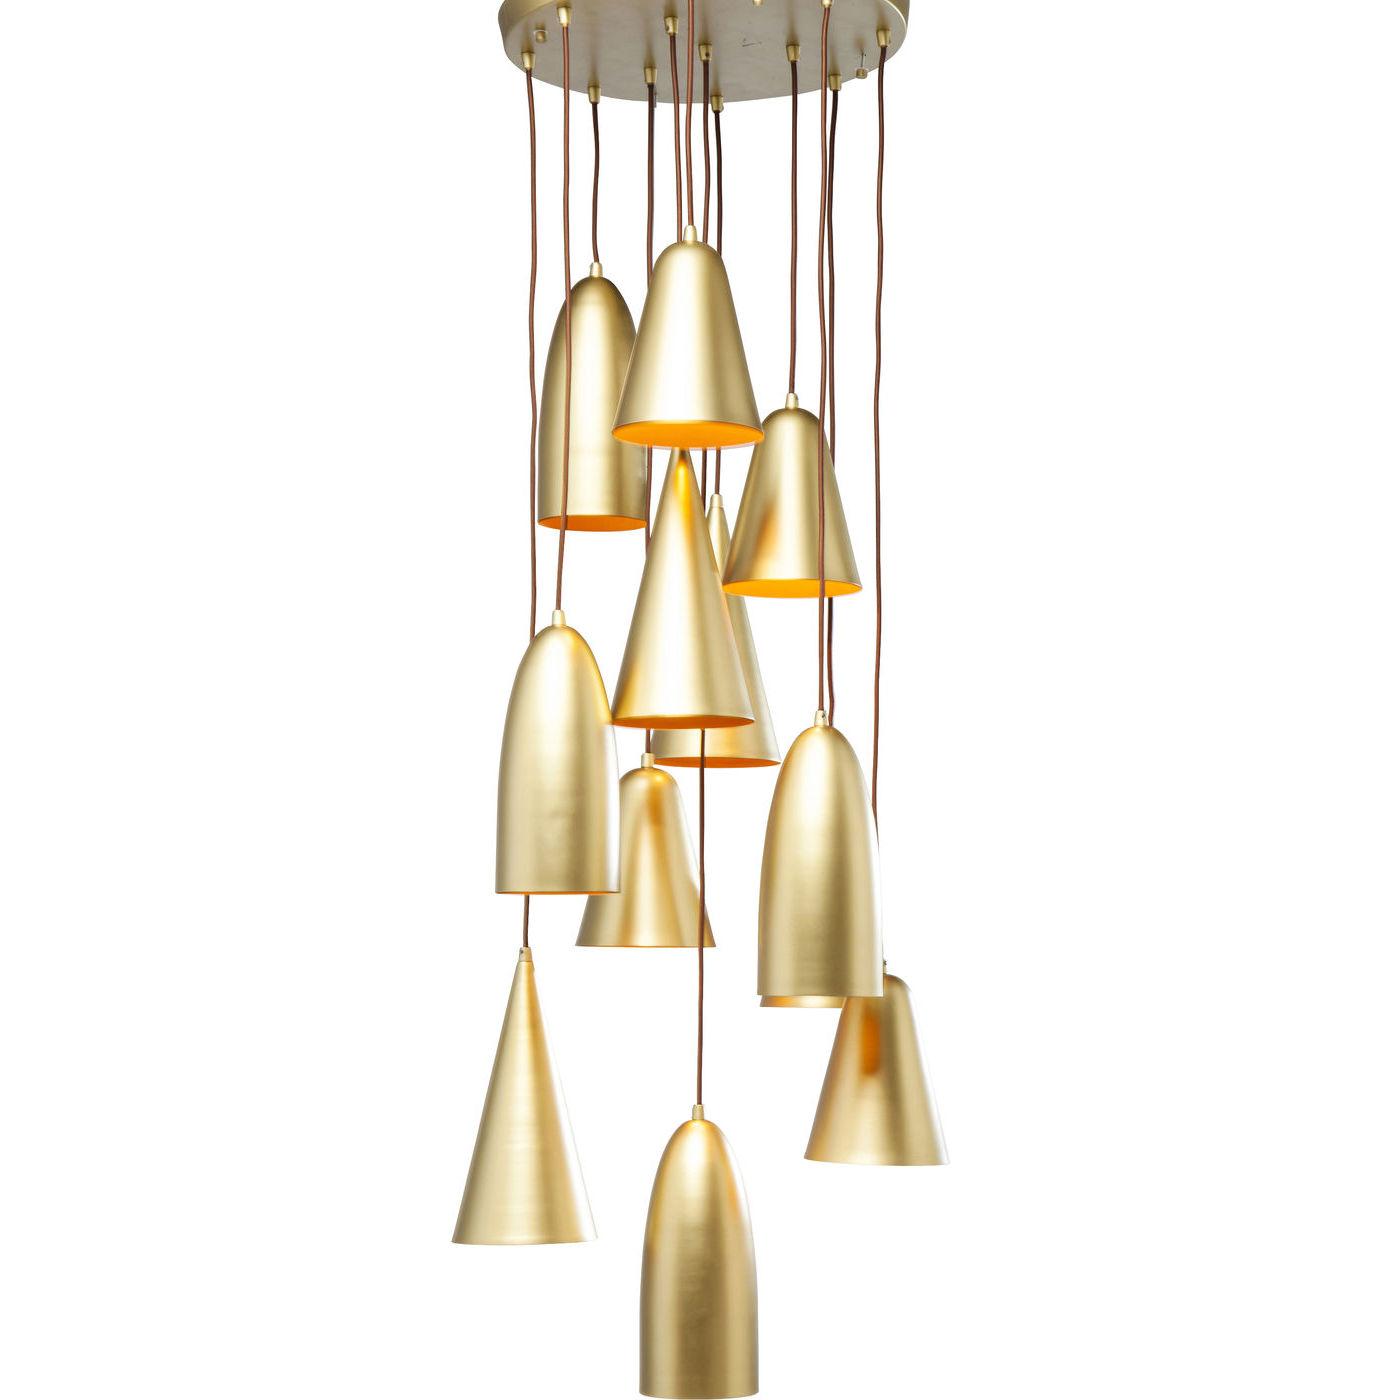 Billede af Kare Design Loftslampe, Soho